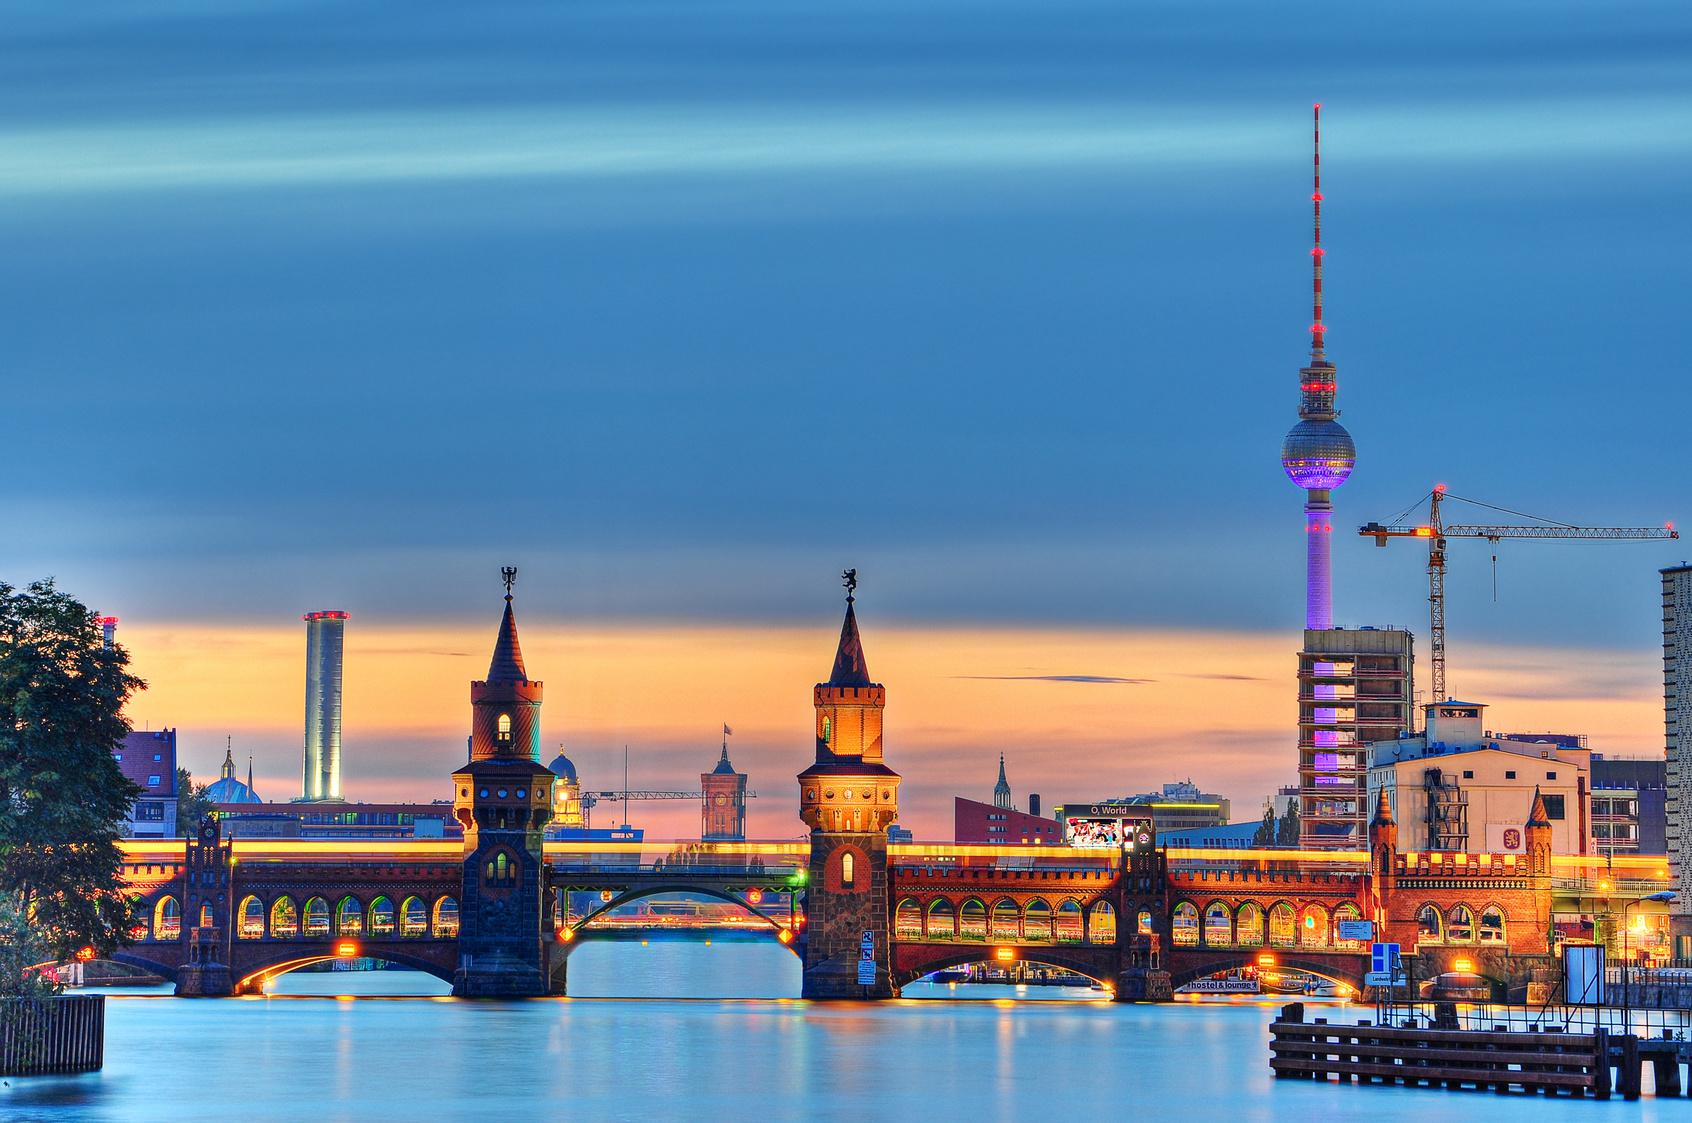 Beleuchtete Oberbaumbrücke in Berlin mit Fernsehturm im Hintergrund.